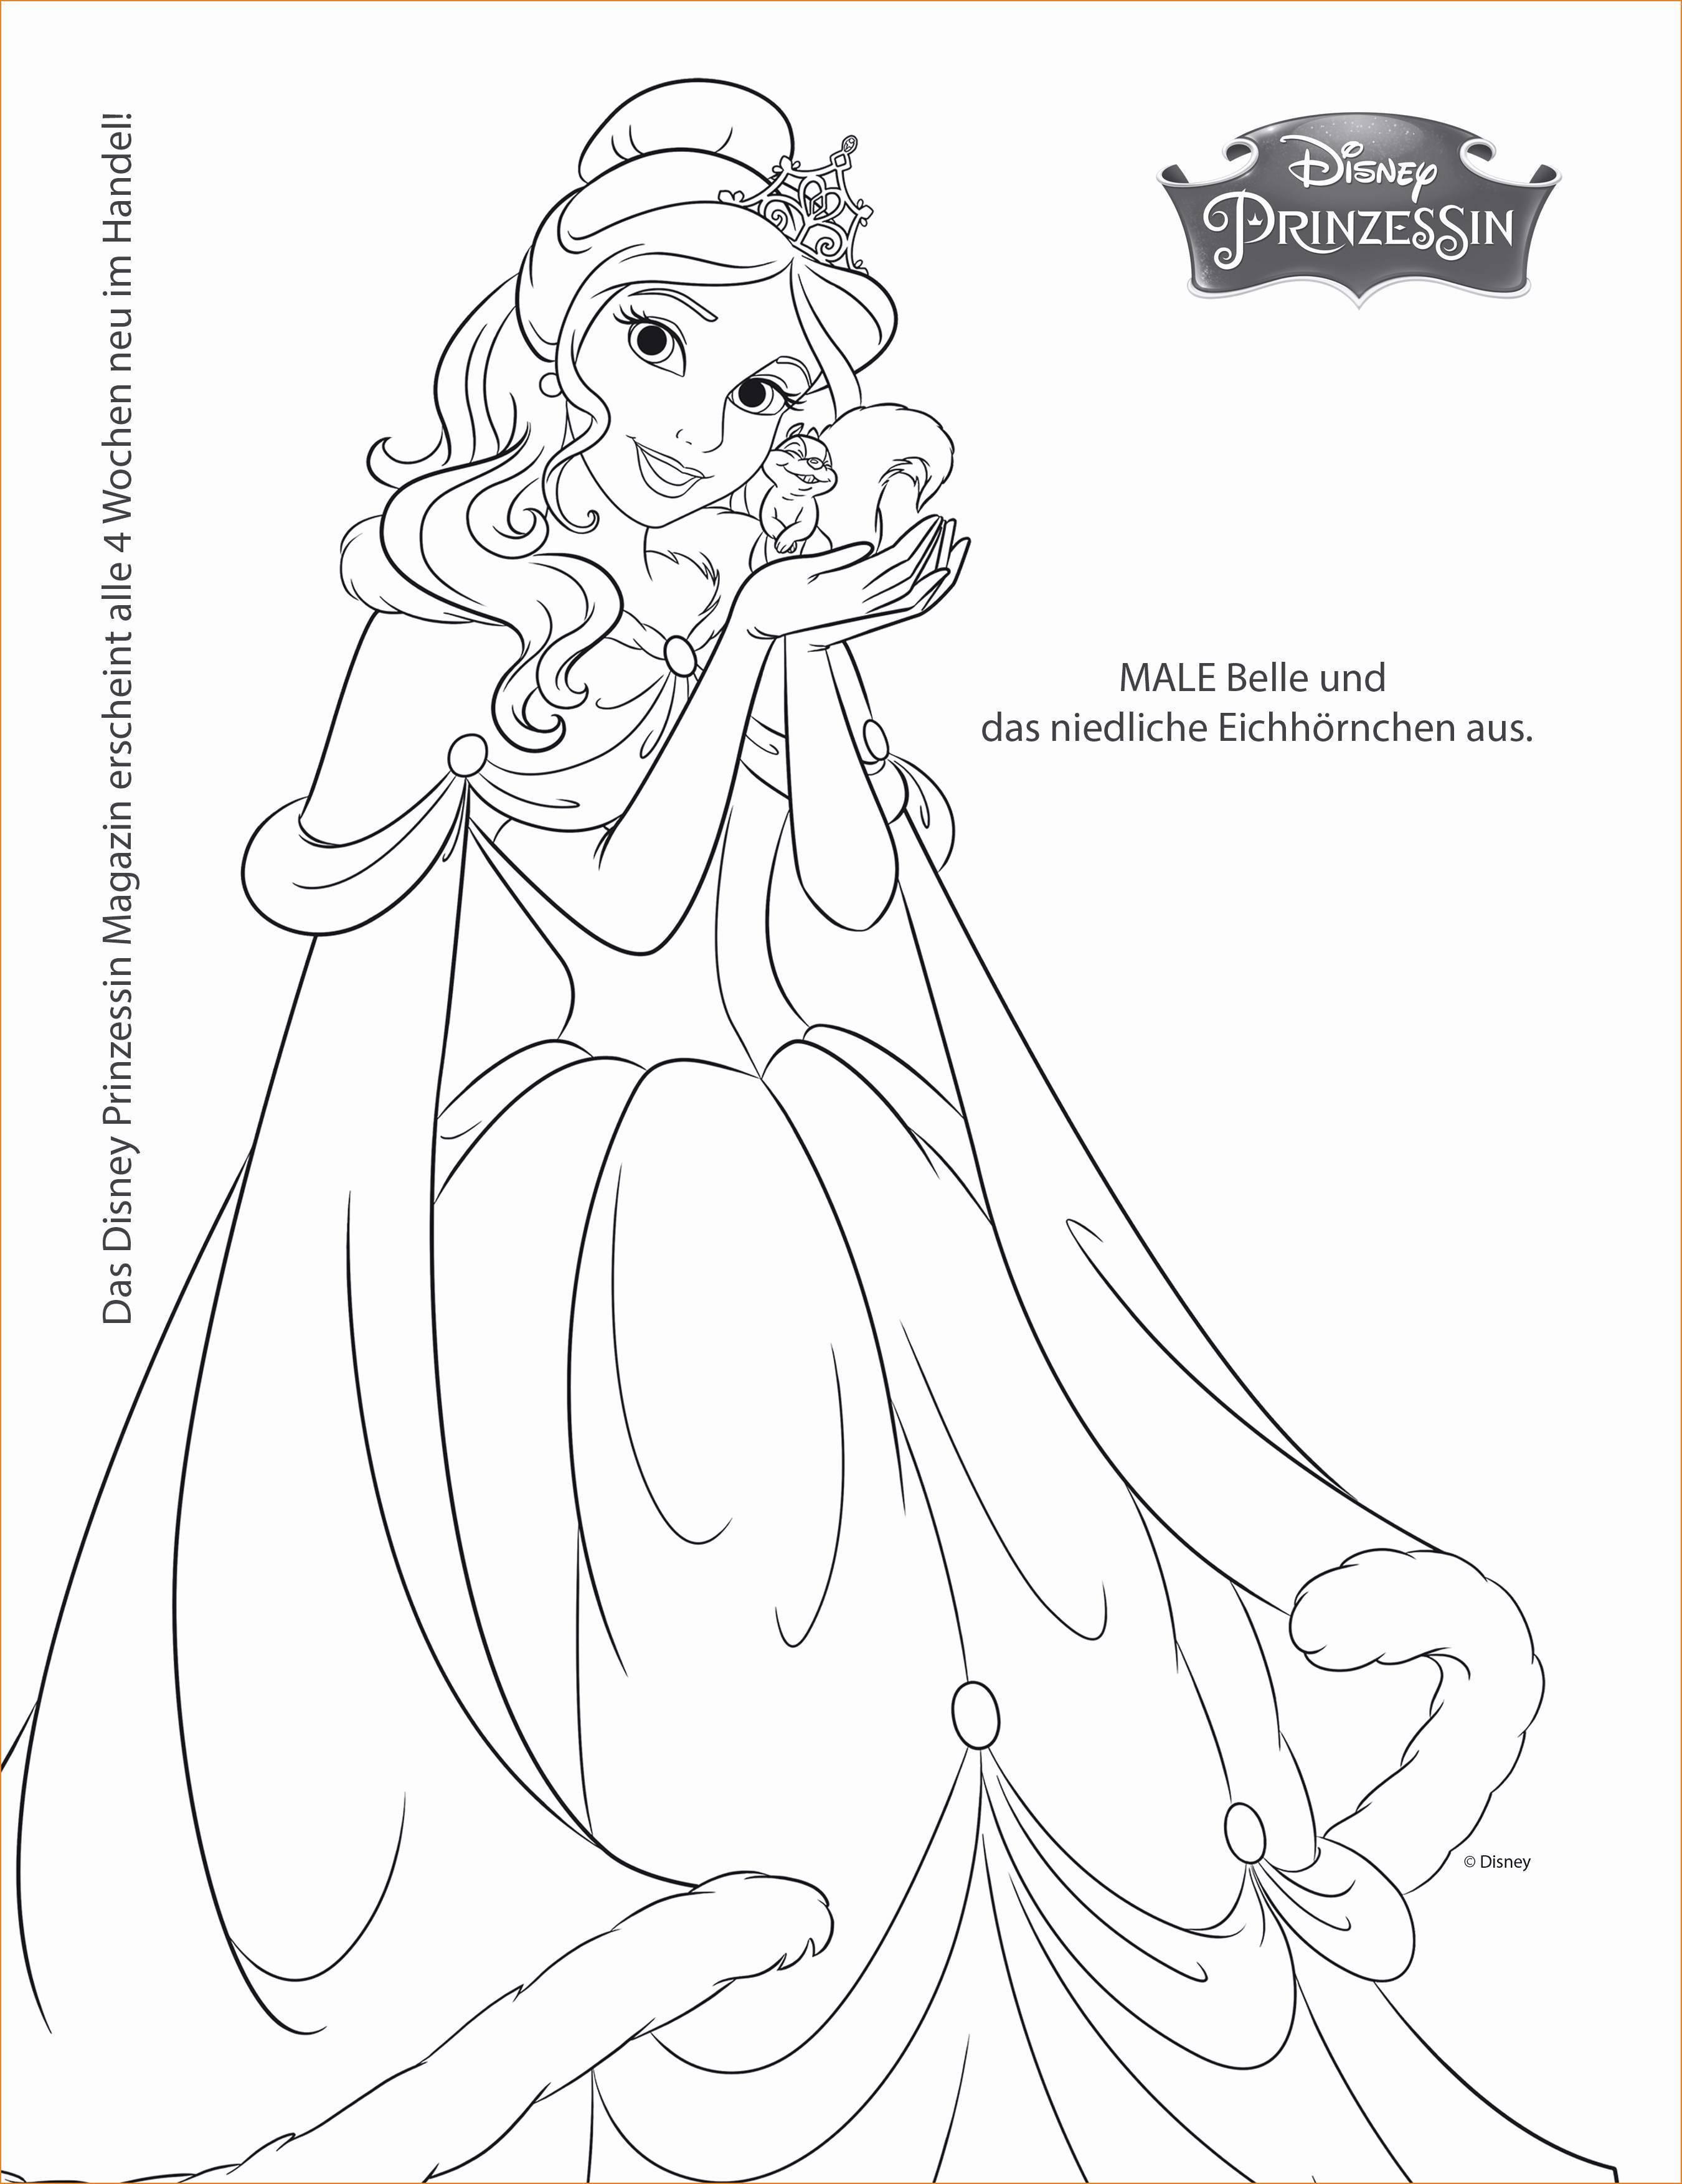 Ausmalbilder Disney Zum Ausdrucken Das Beste Von 15 Beste Barbie Belle Disney Fotos